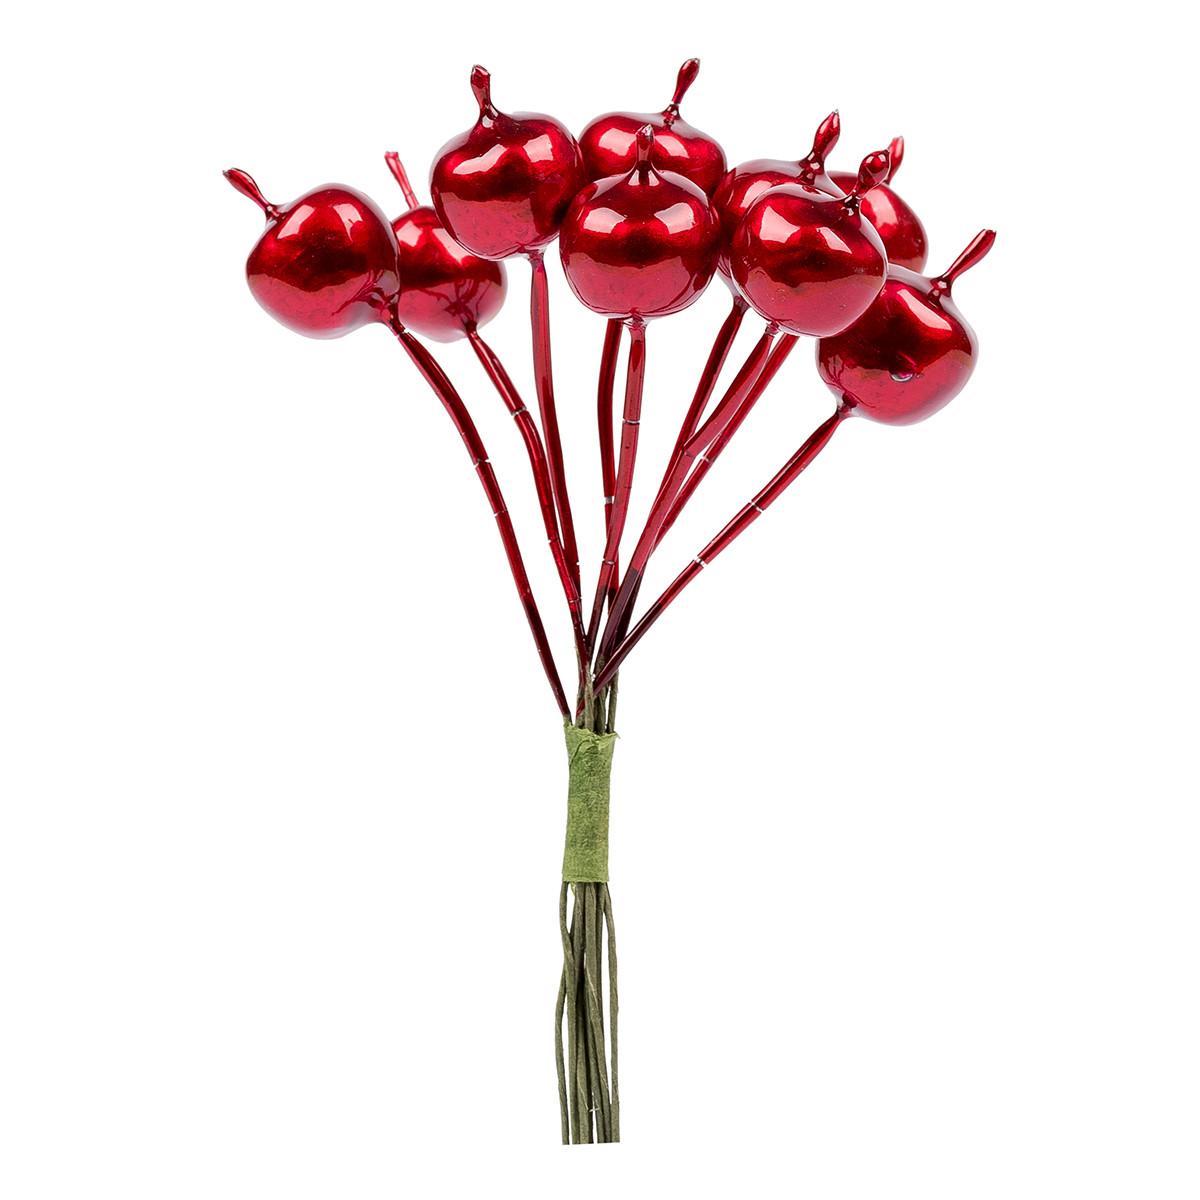 Яблоки декоративные Yes! Fun 15 мм, 9 шт/пучок,  красные, перламутр